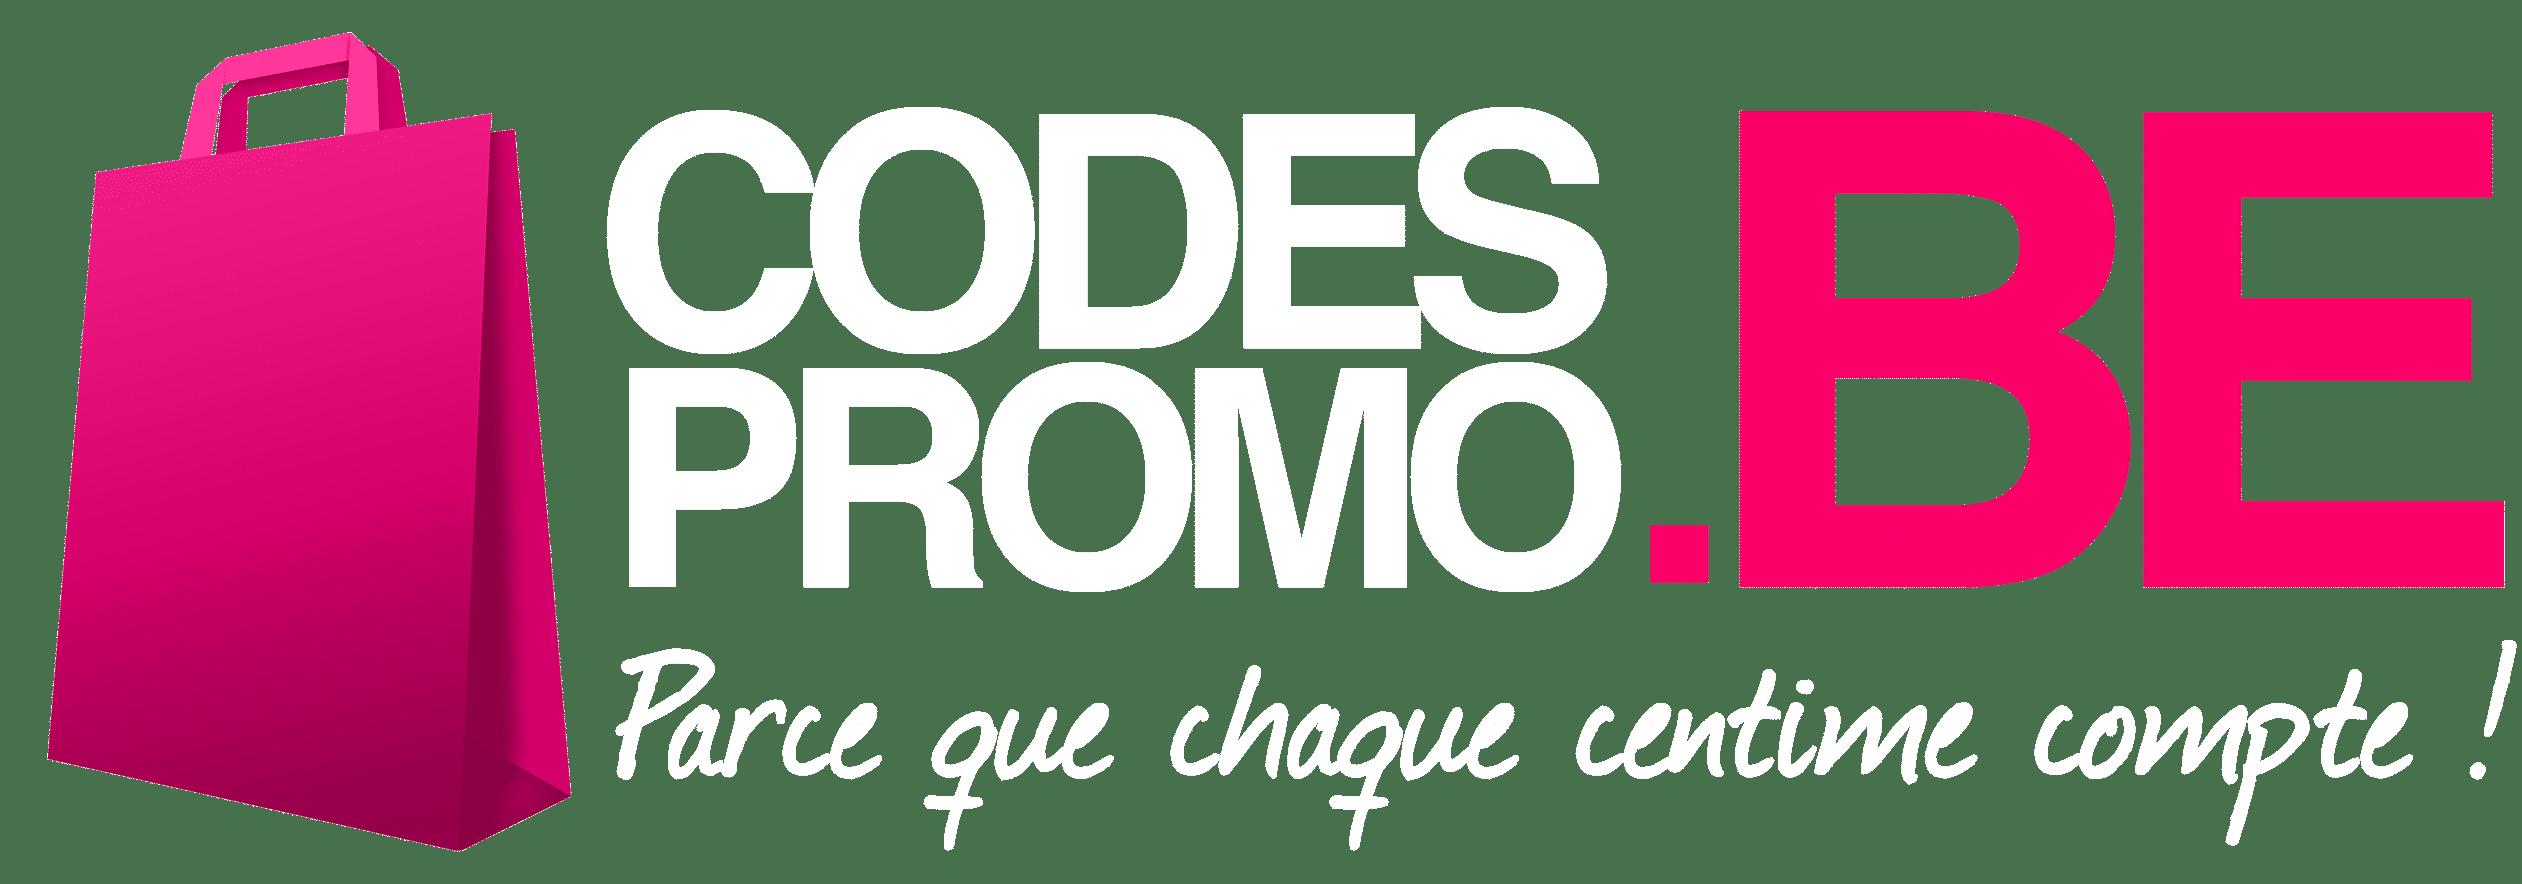 Codes Promo Logo